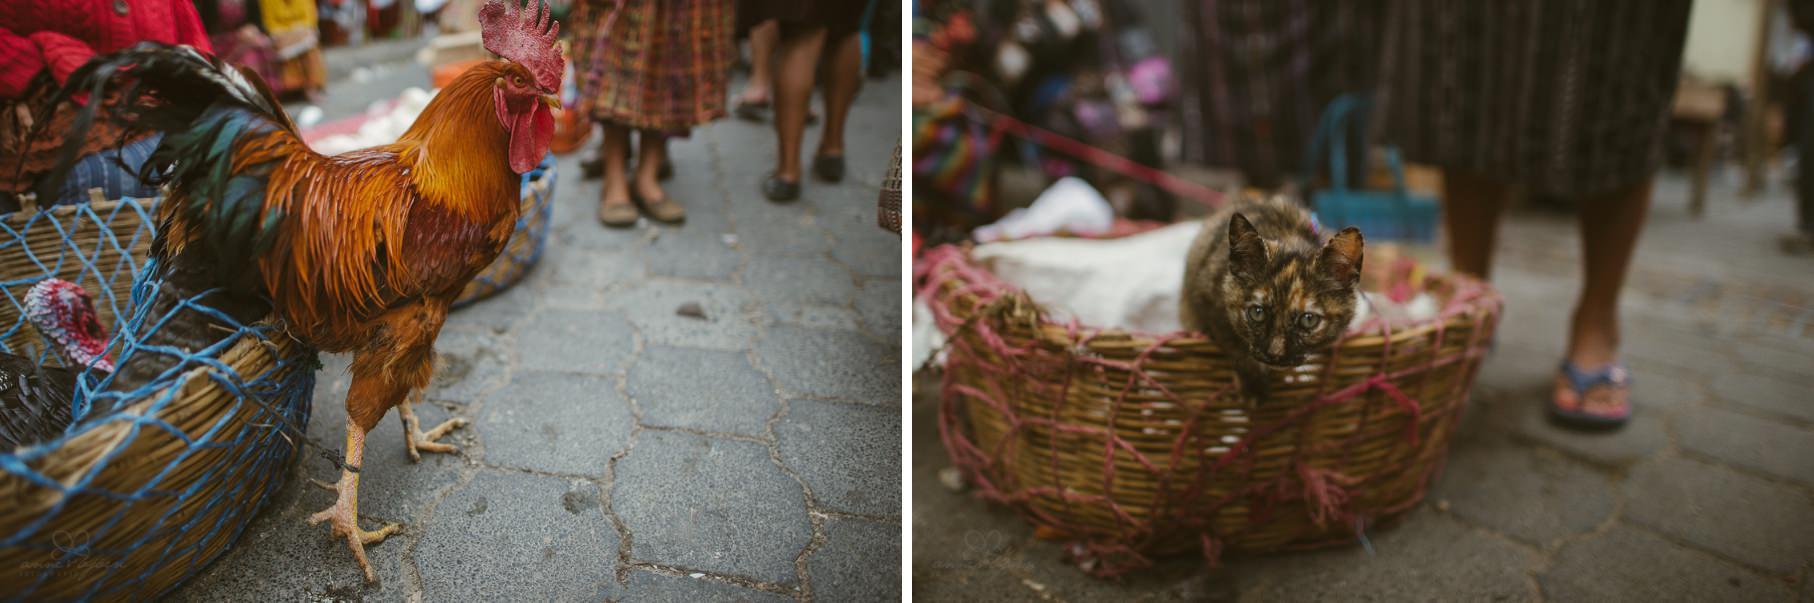 0136 anne und bjoern guatemala d75 2624 - 4 Wochen durch Guatemala - backpacking durch Mittelamerika